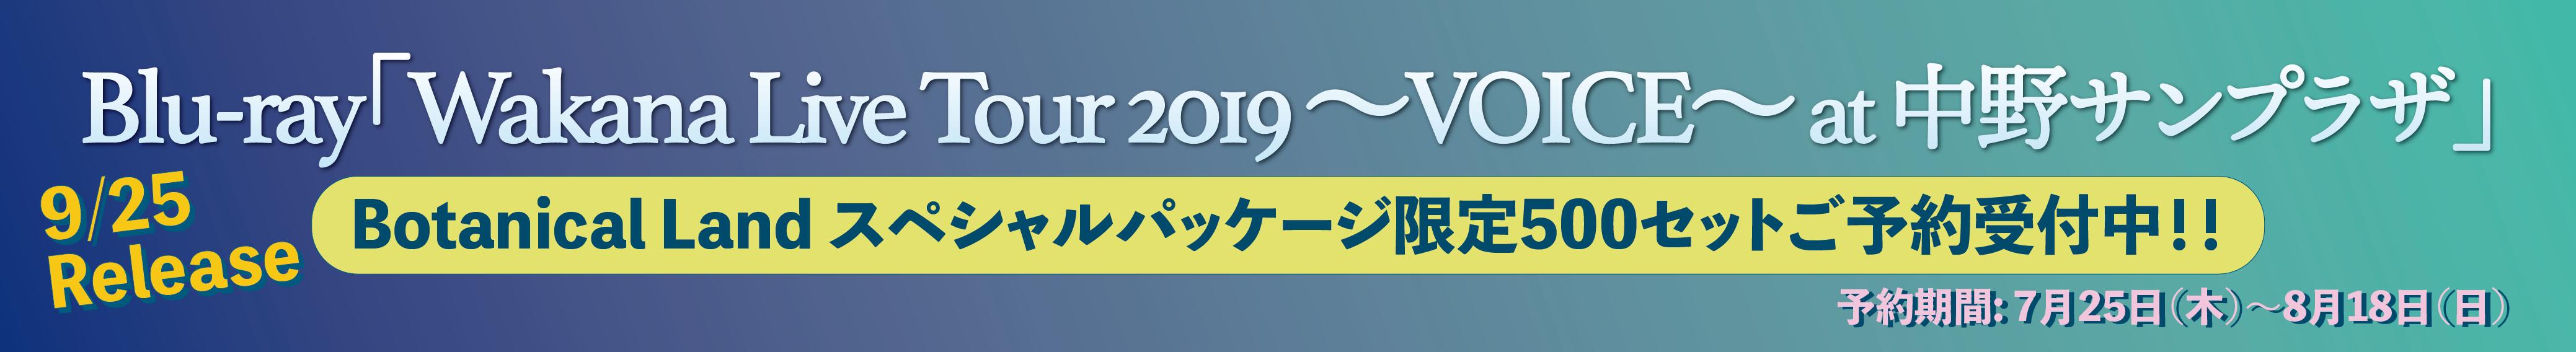 Blu-ray「Wakana Live Tour 2019 ~VOICE~ at 中野サンプラザ」予約